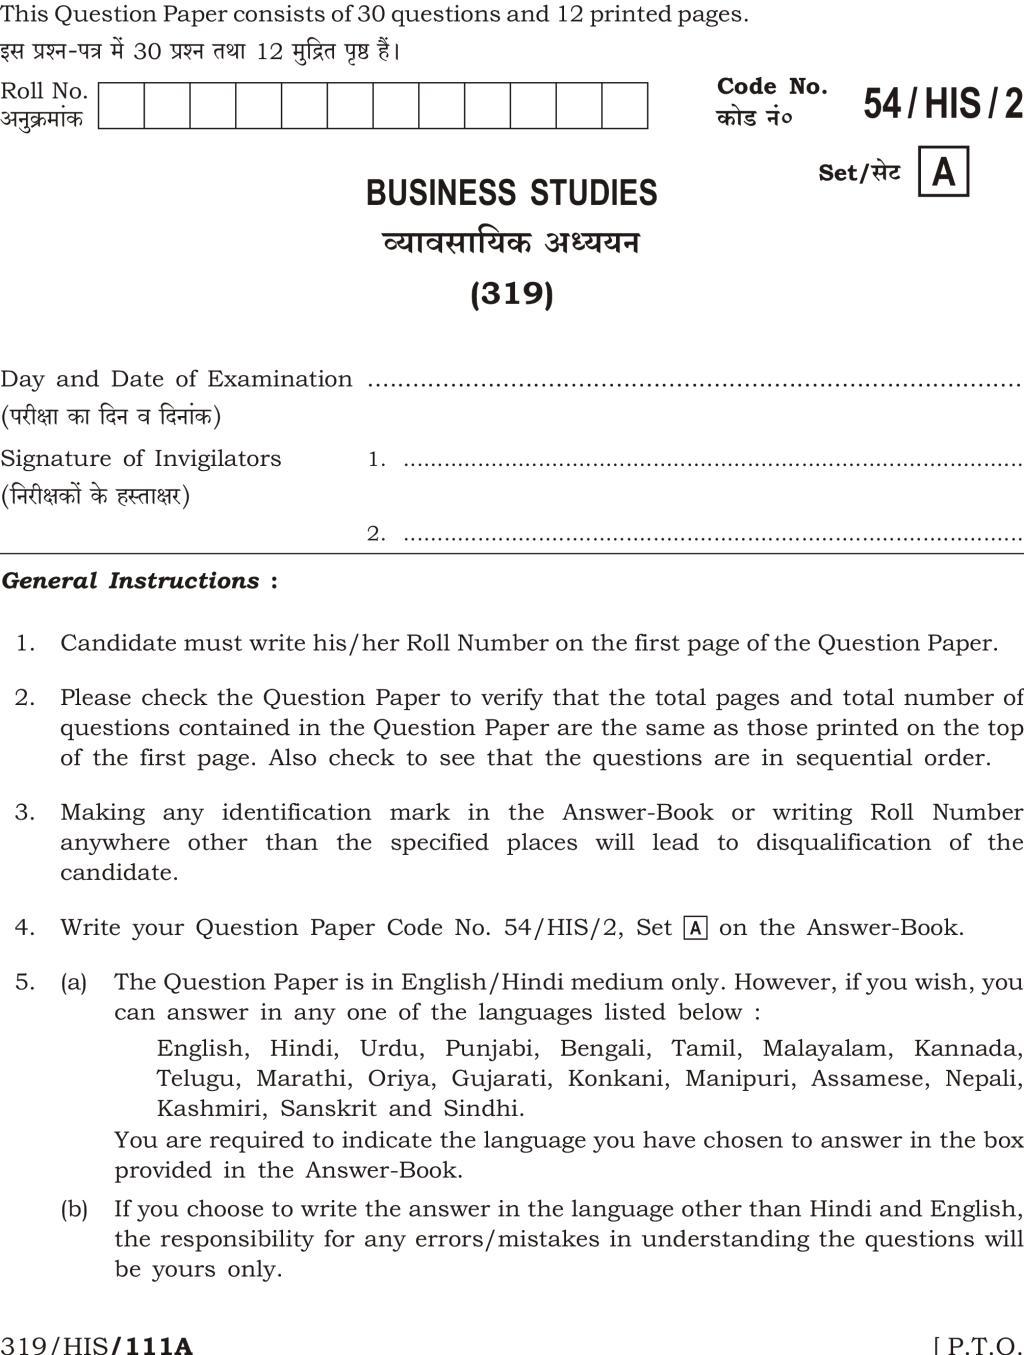 NIOS Class 12 Question Paper Apr 2017 - Business Studies - Page 1